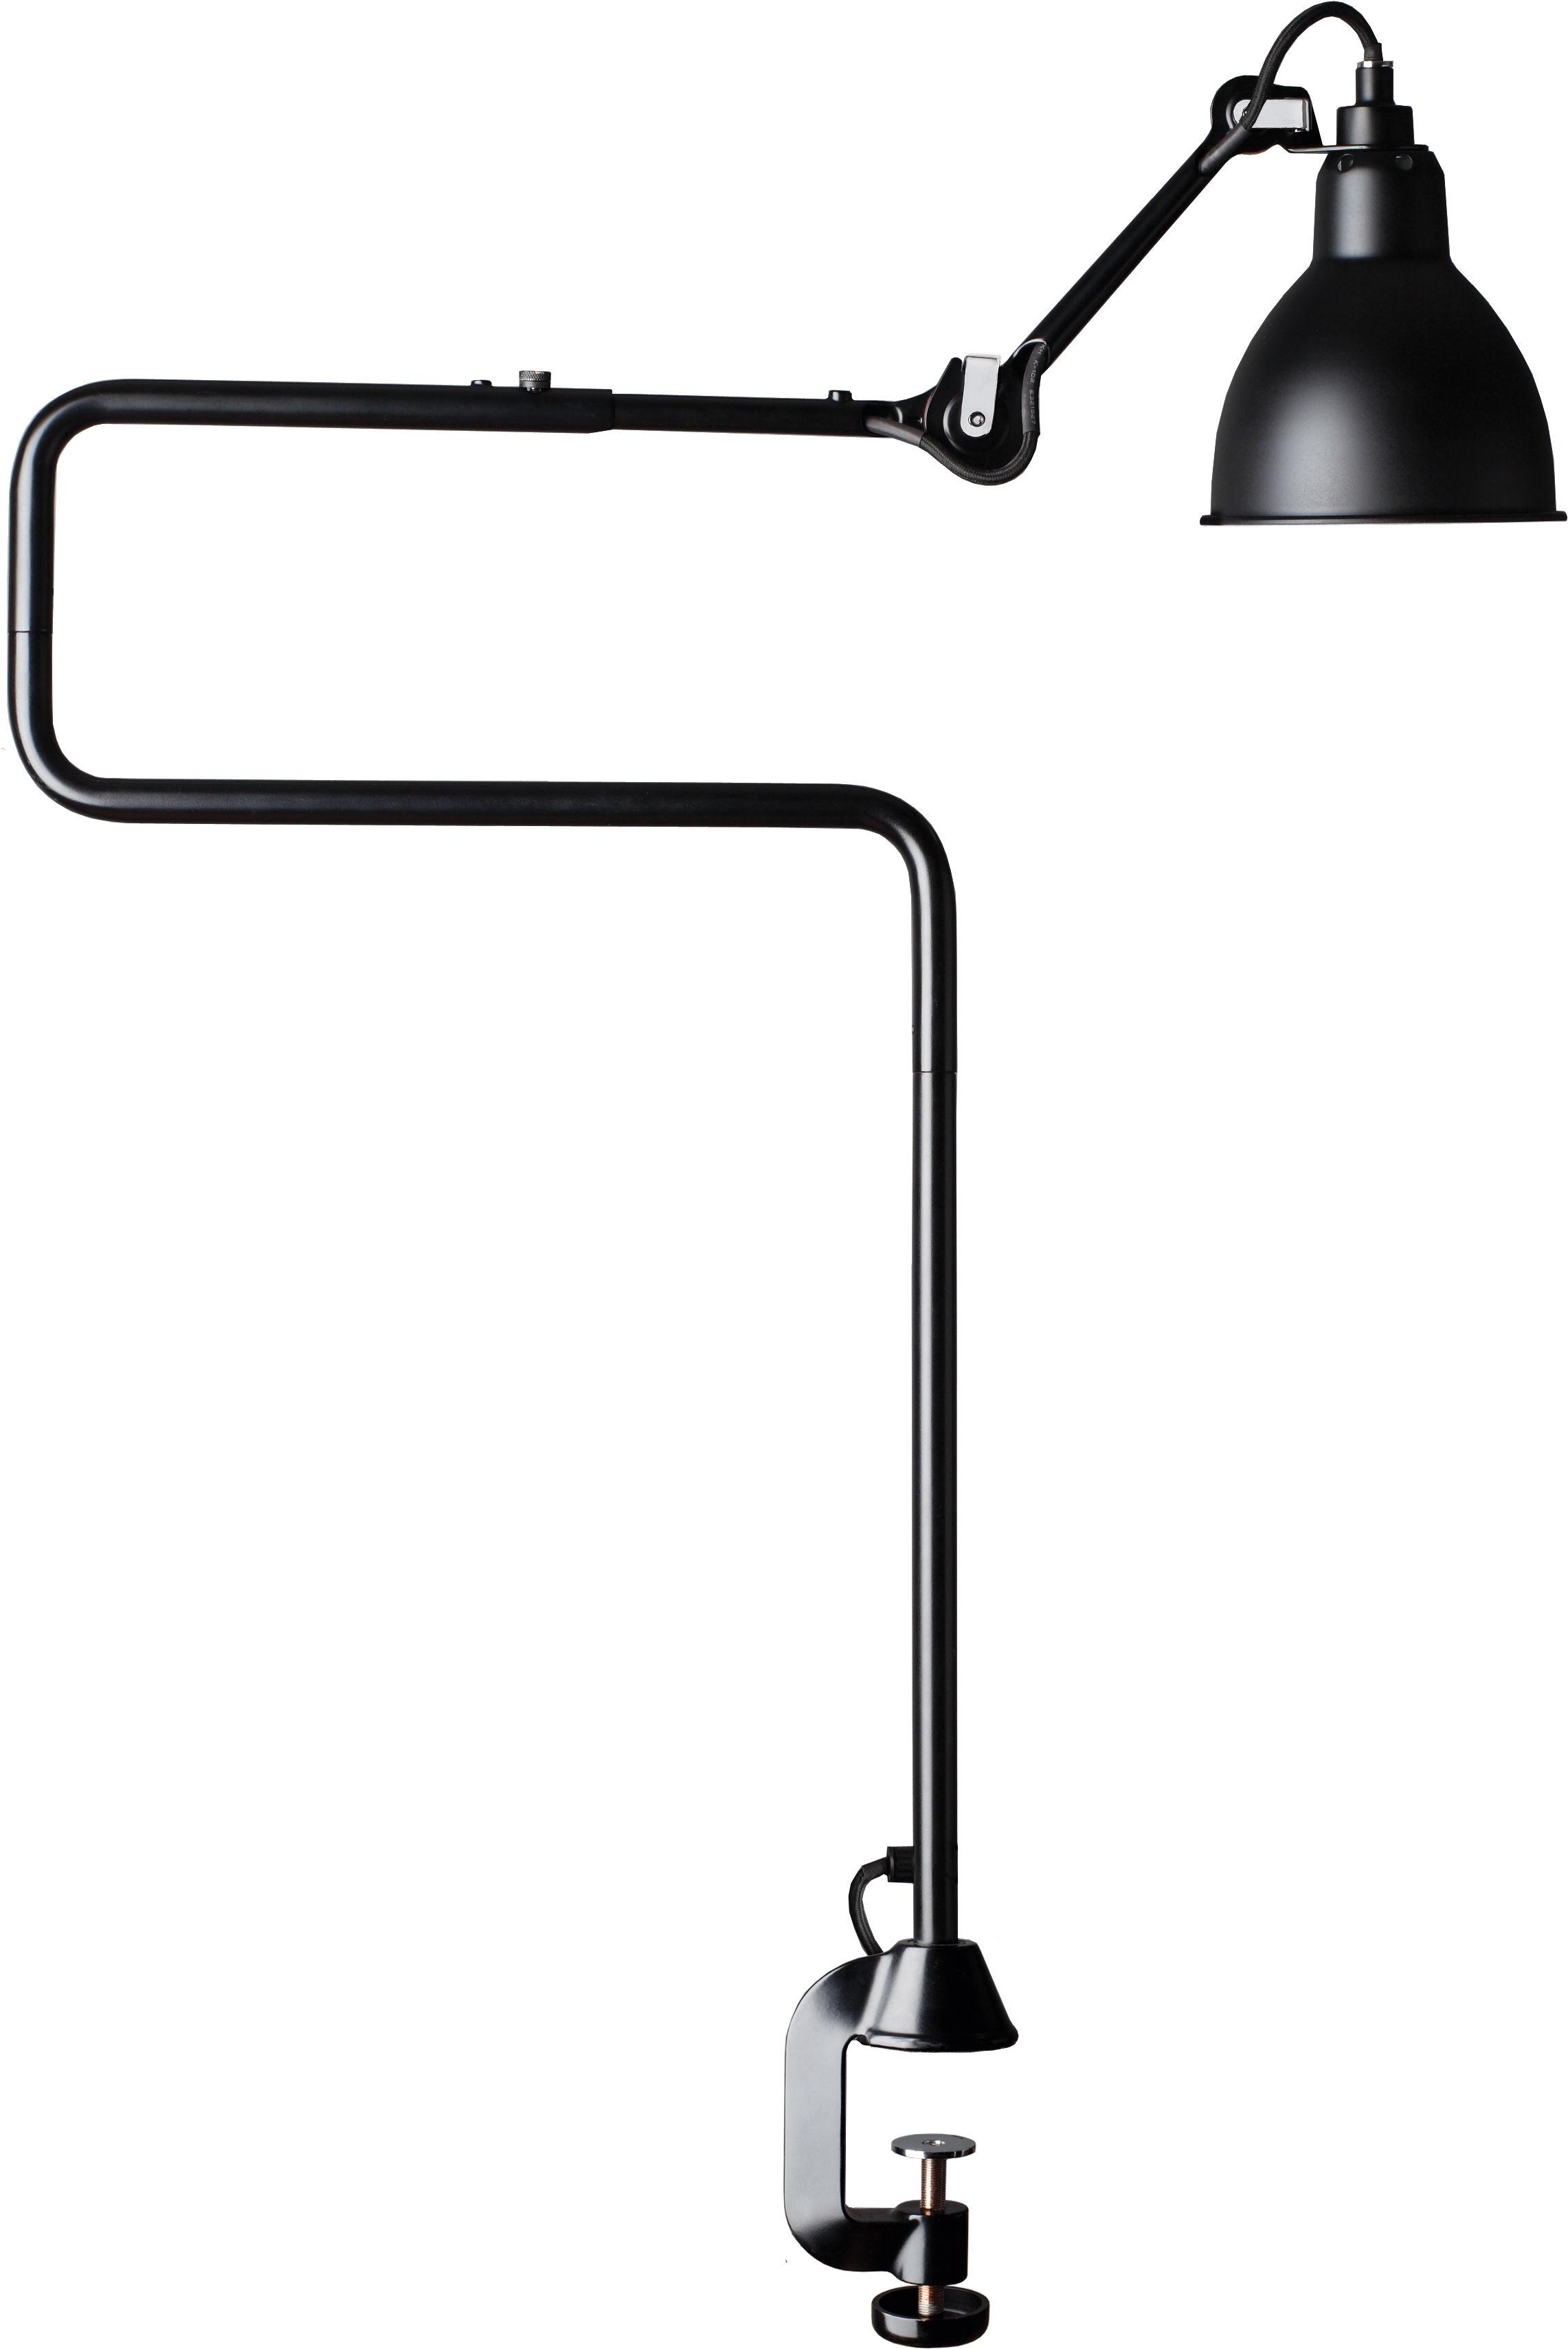 n 211 311 tischleuchte architektenlampe klemmleuchte zum klemmen oder schrauben. Black Bedroom Furniture Sets. Home Design Ideas